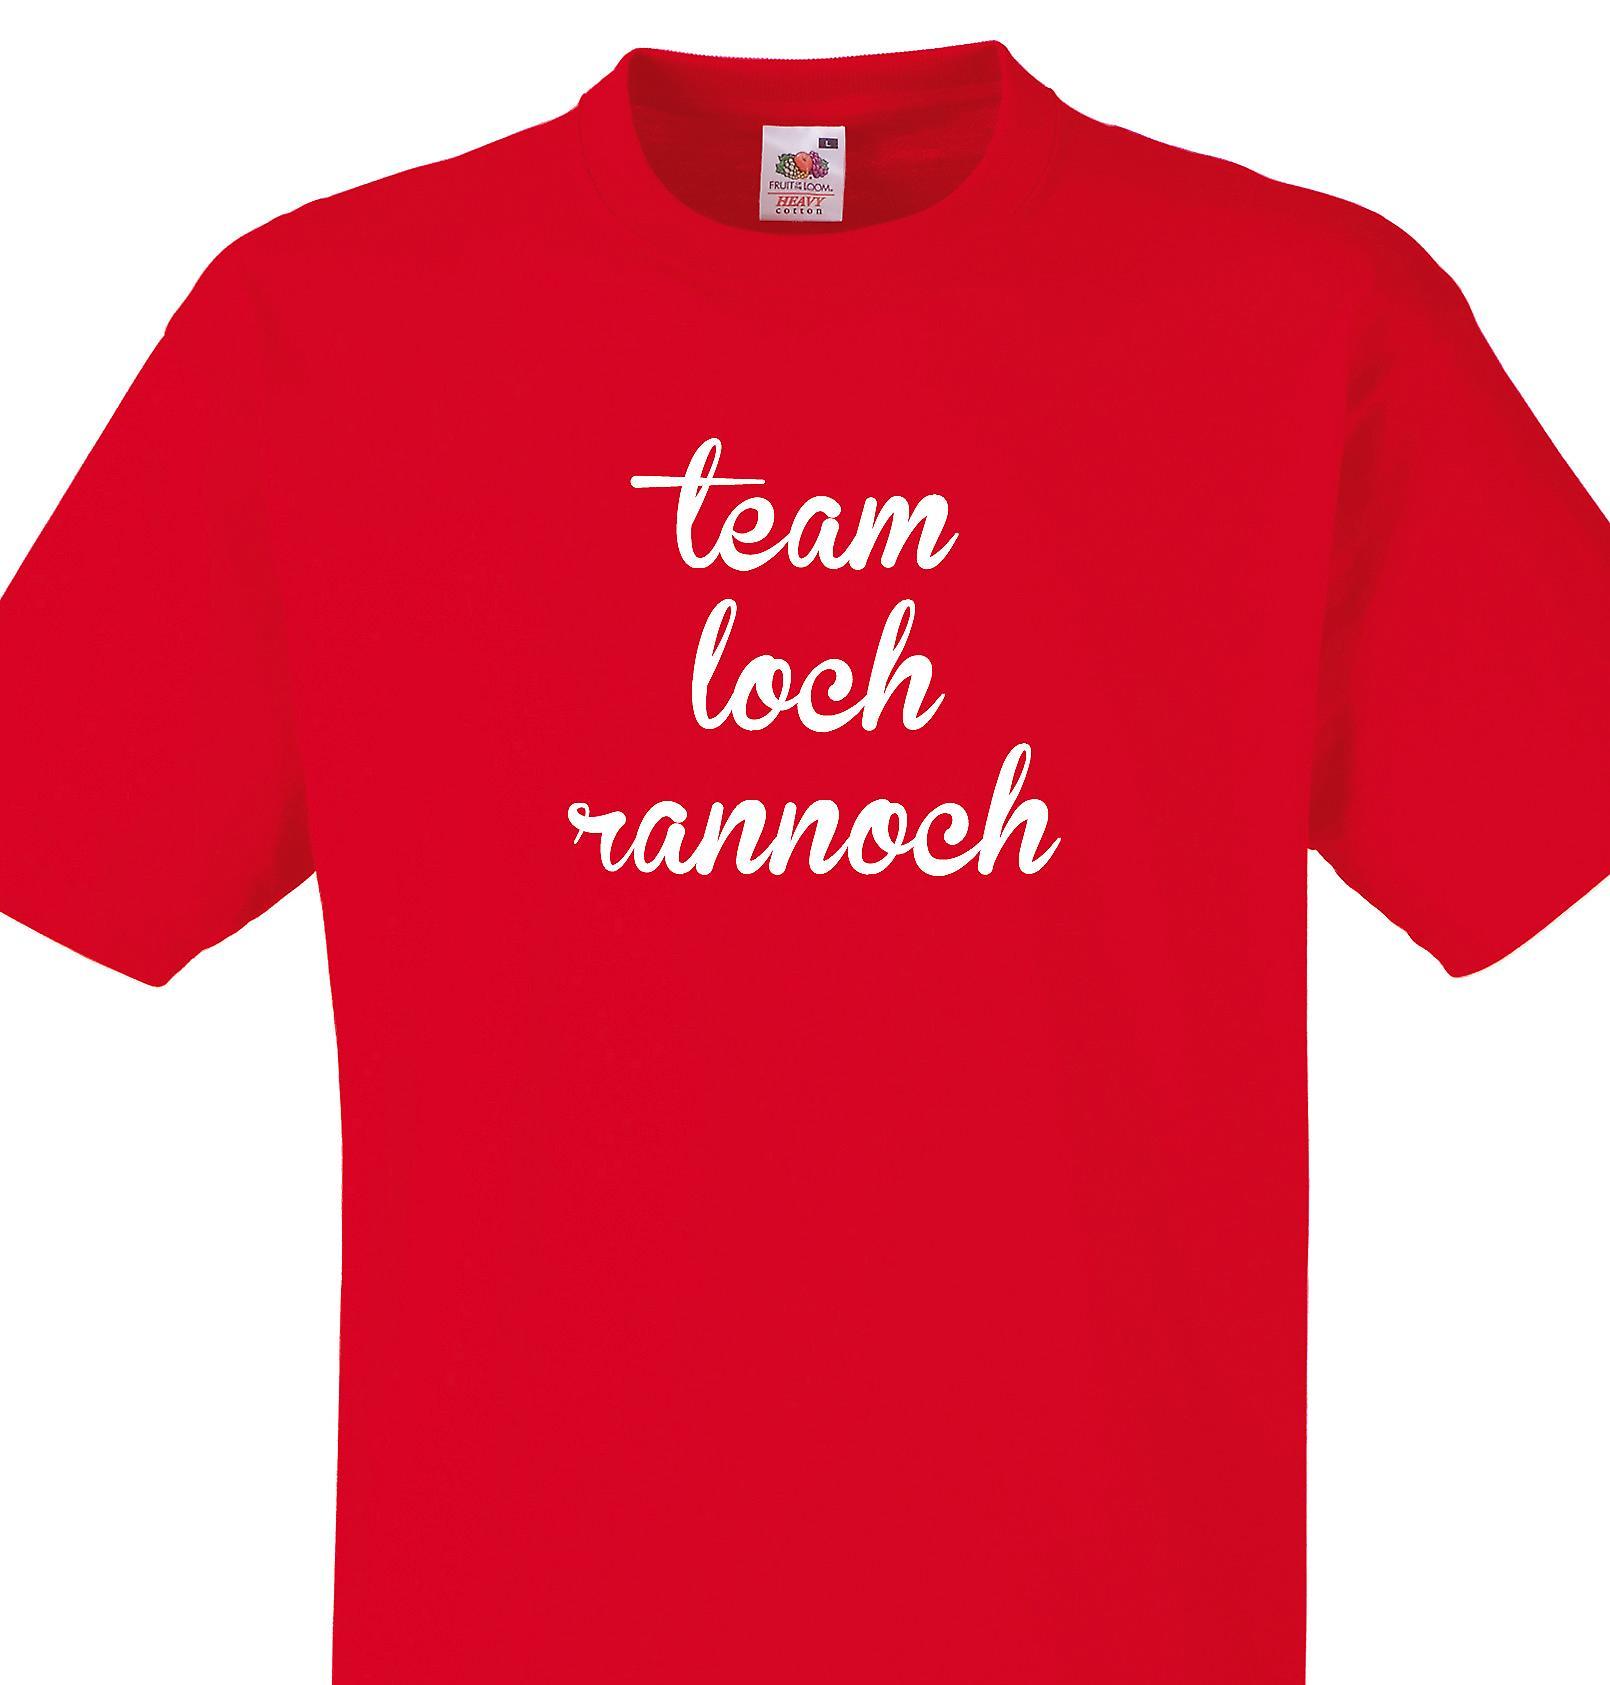 Team Loch rannoch Red T shirt